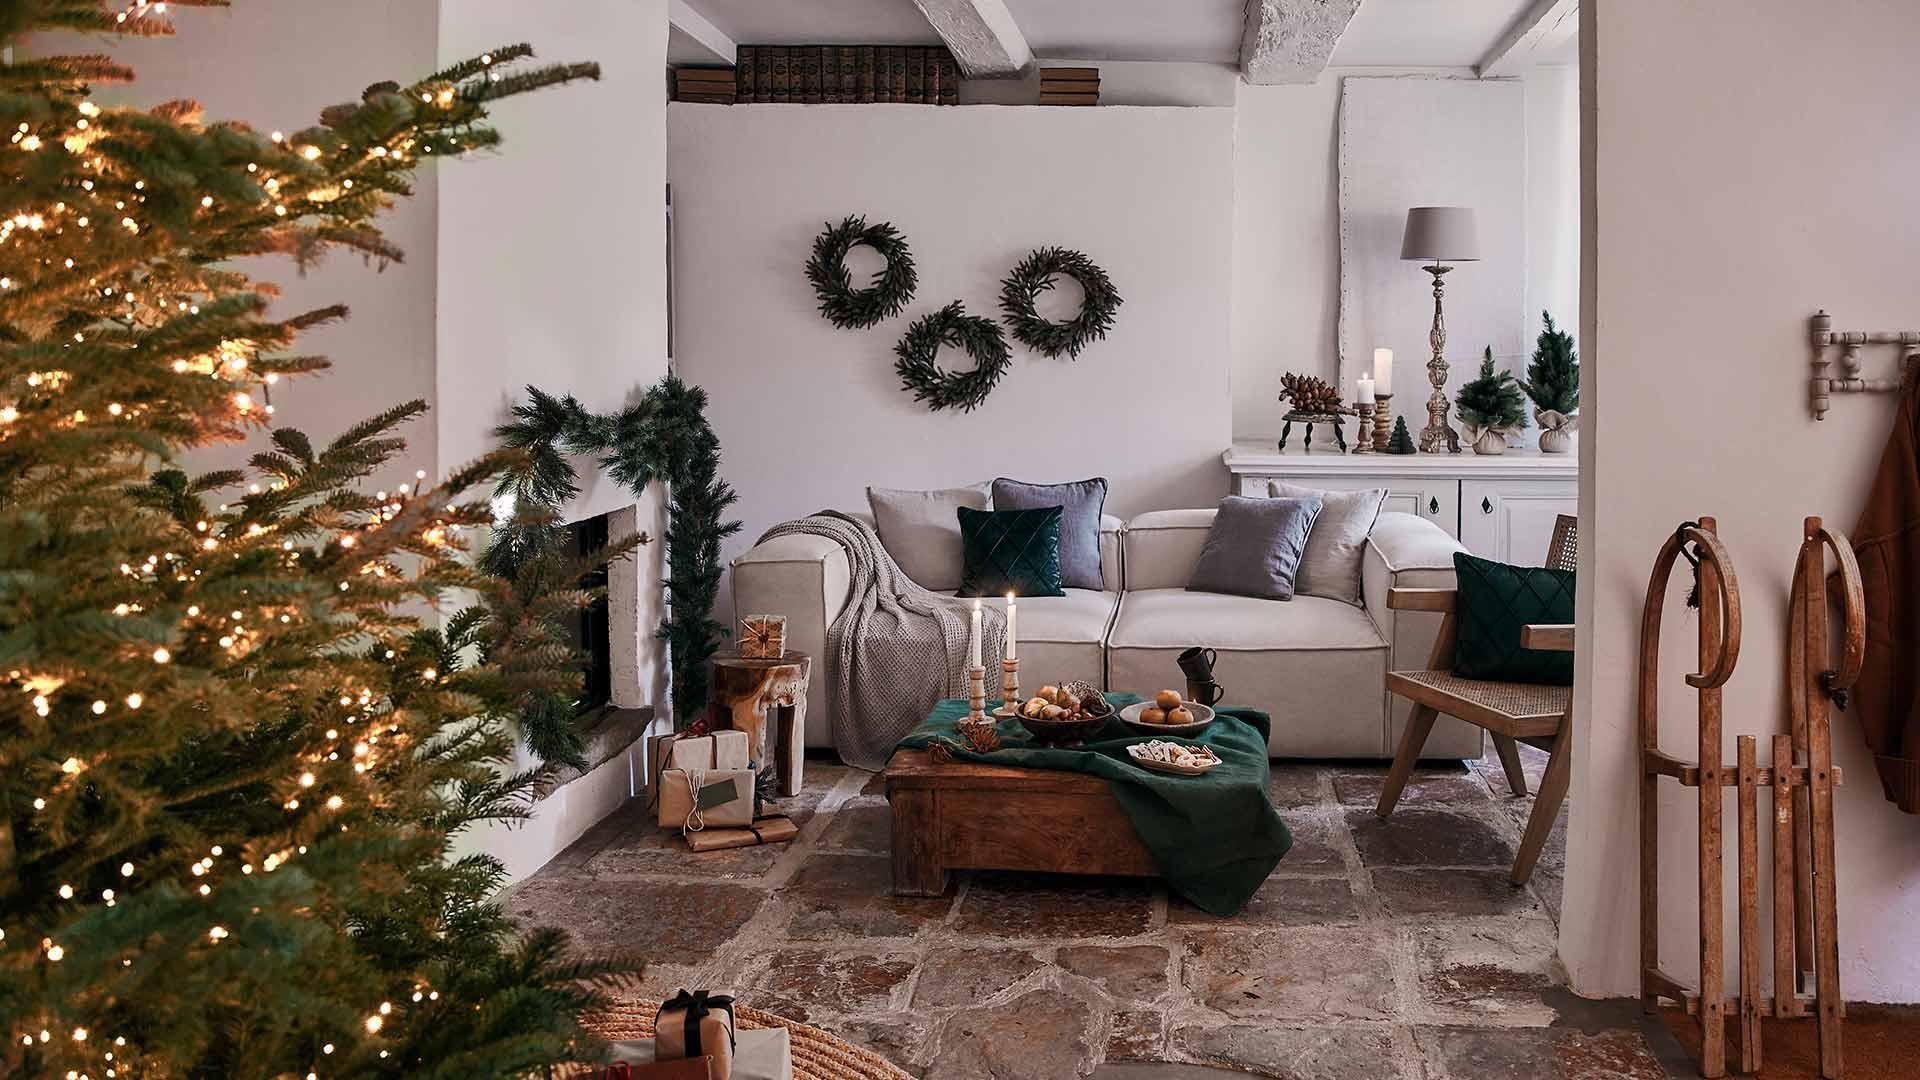 Salon w stylu rustykalnym z białą sofą, udekorowanym stolikiem kawowym, kominkiem z girlandą oraz choinką